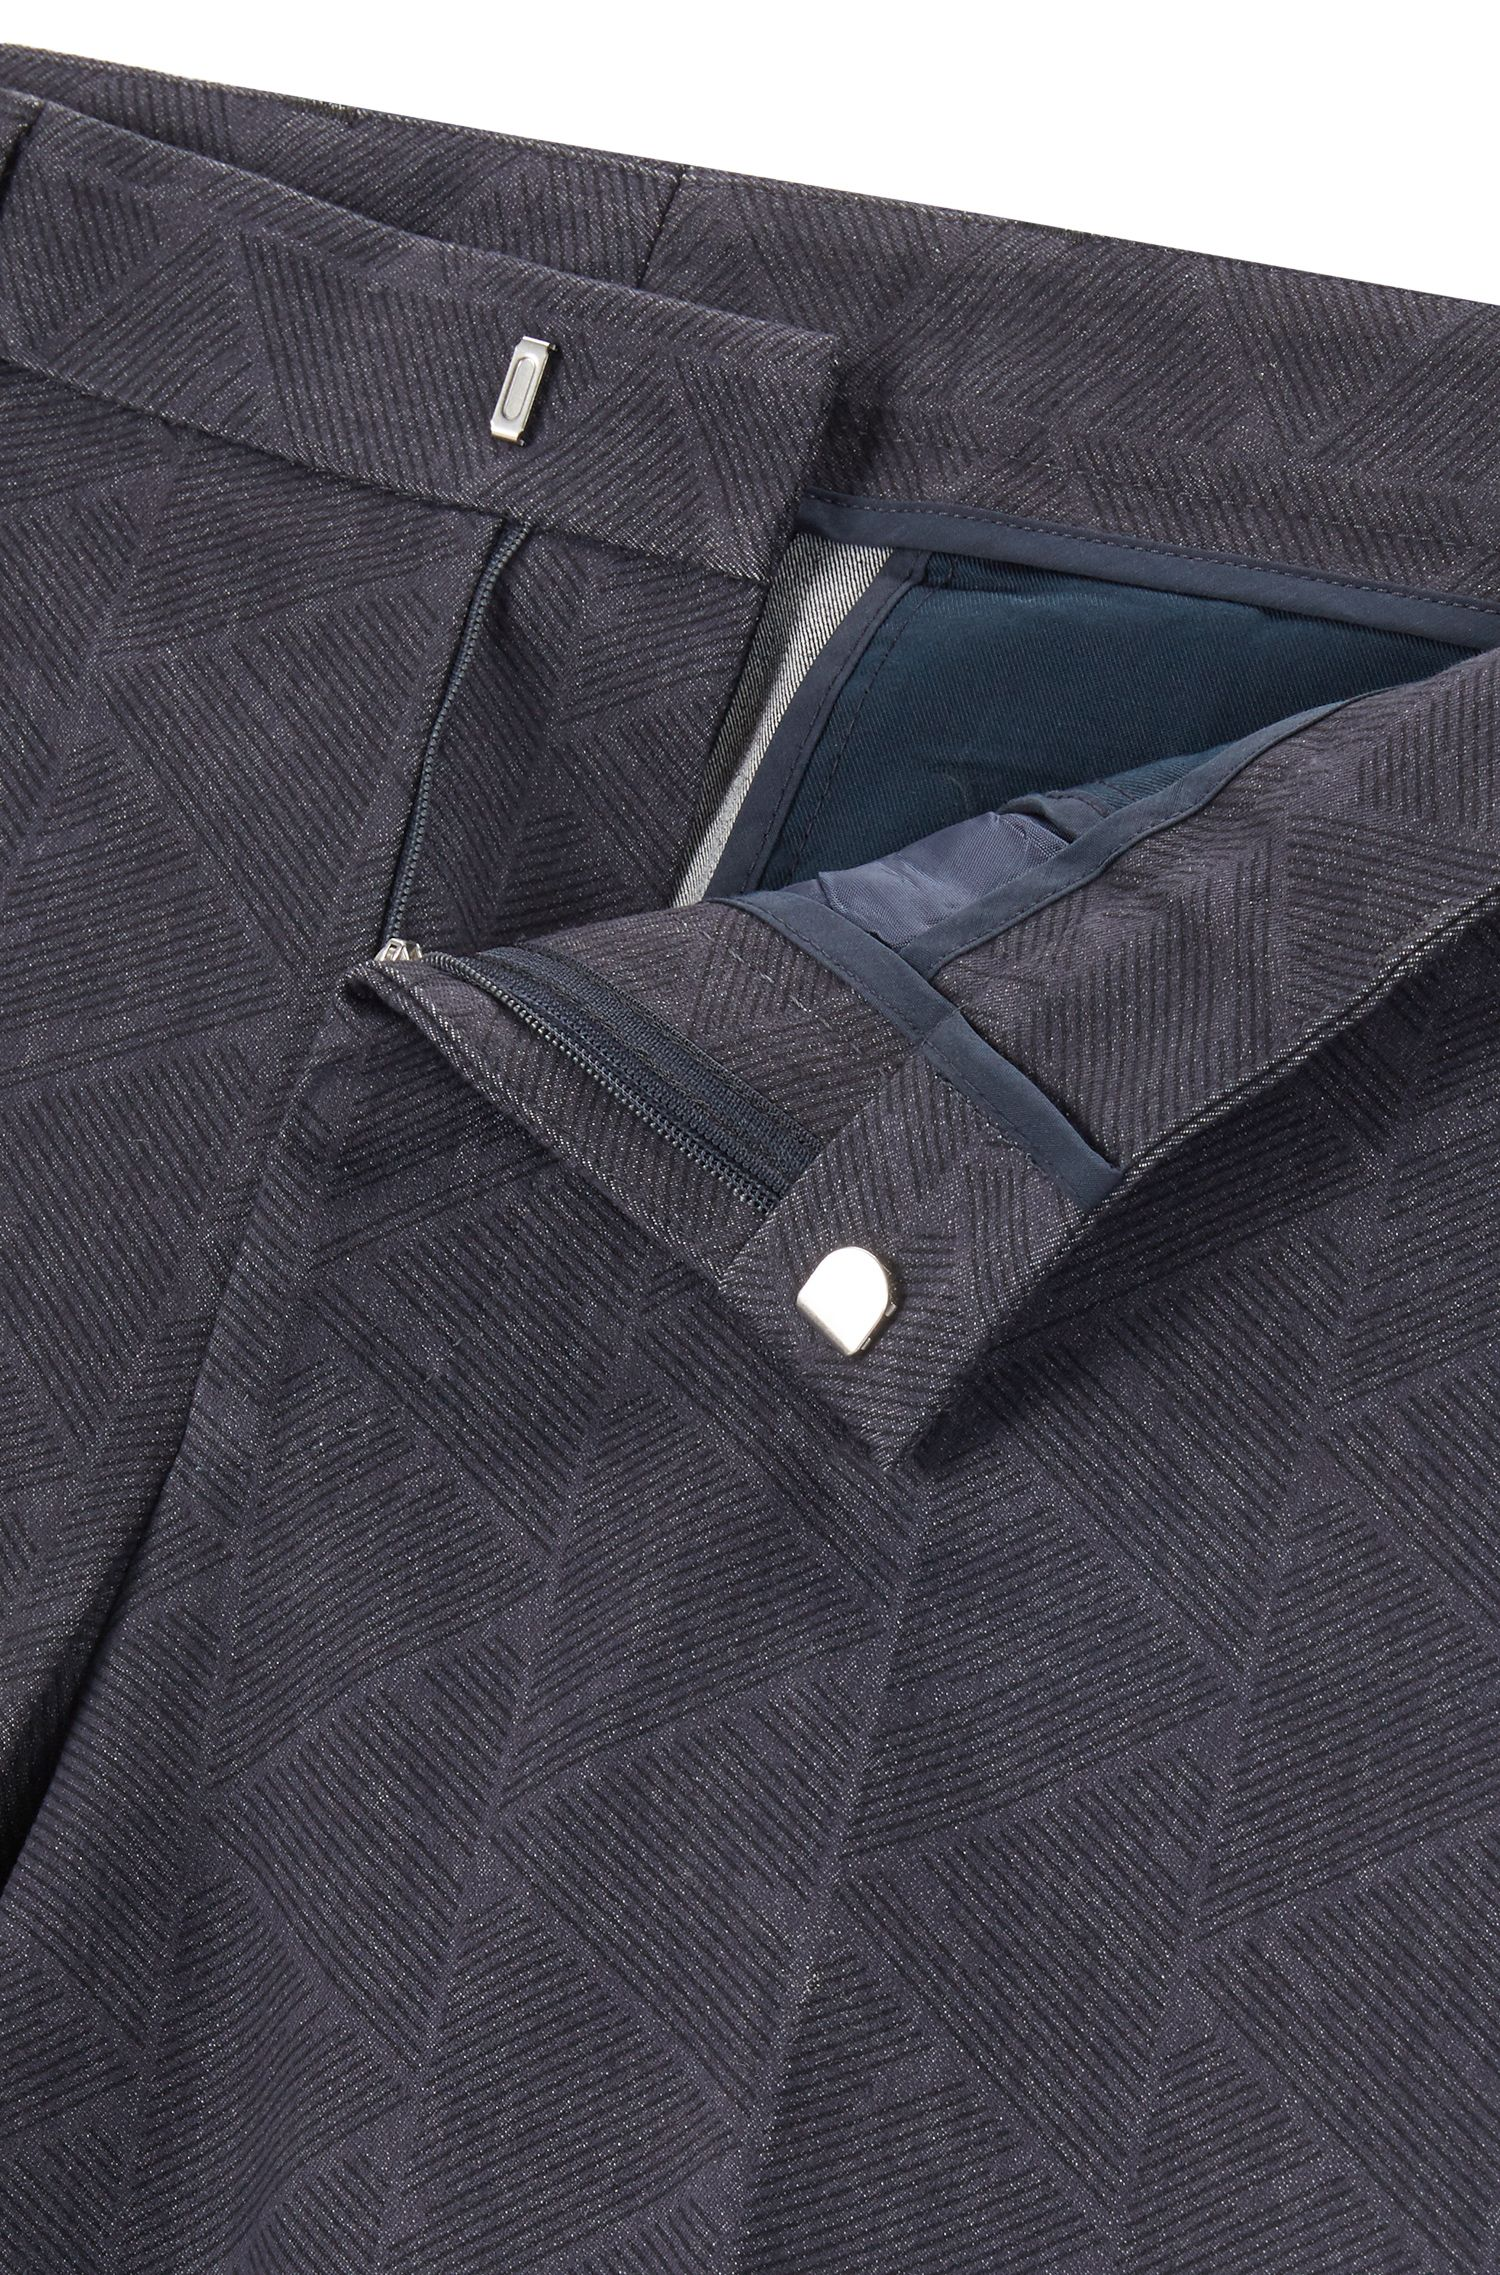 Geometric Stretch Cotton Suit, Slim Fit | Novan/Ben